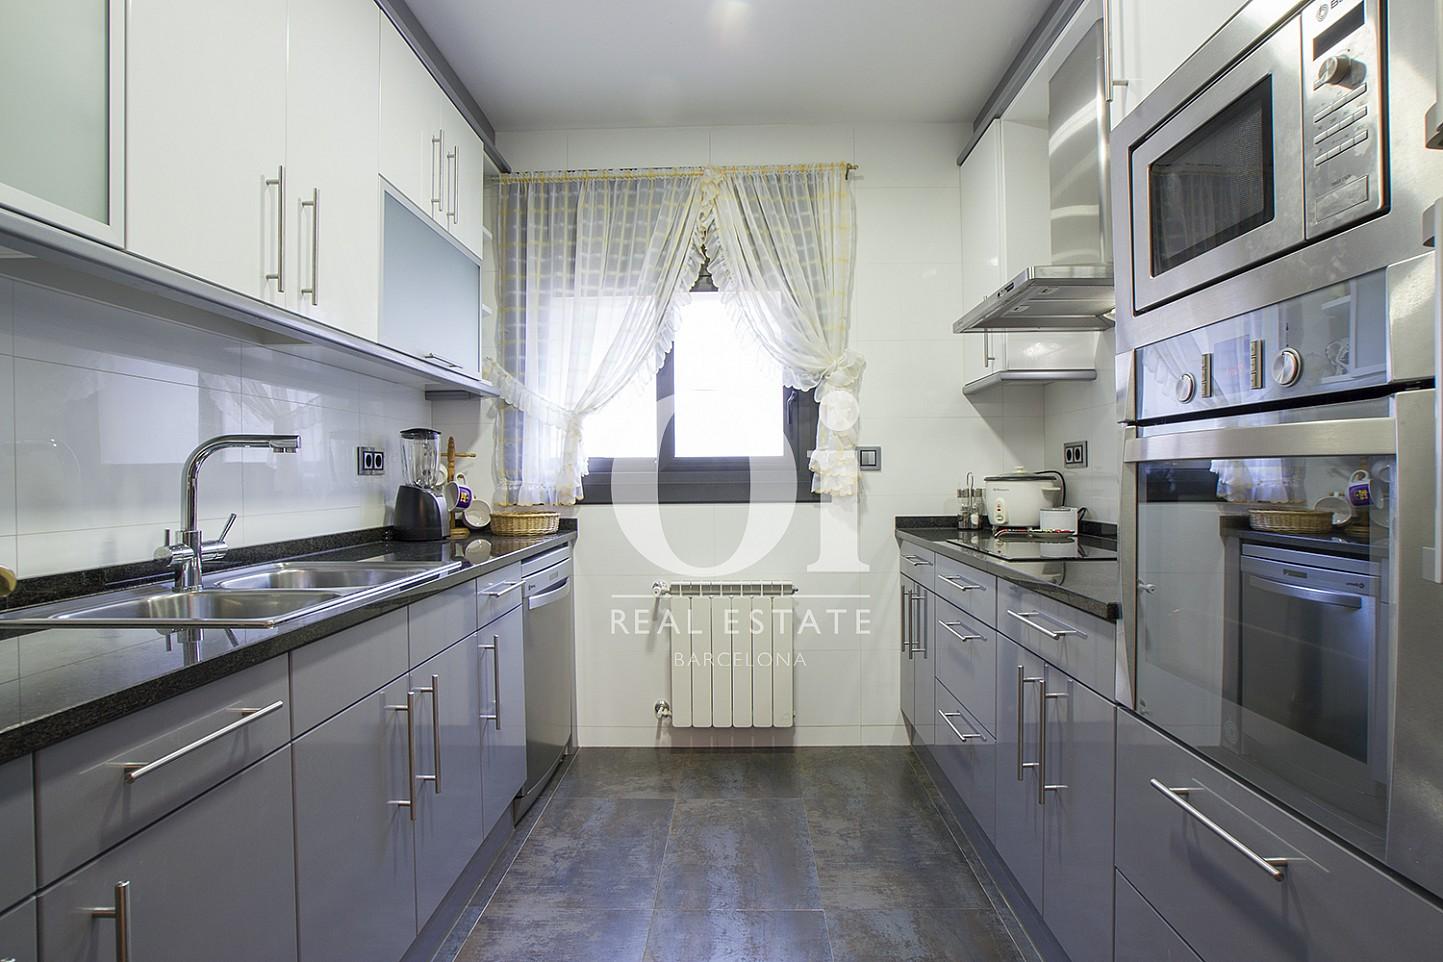 Современная кухня из алюминия в замечательном доме на продажу в Tagamanent